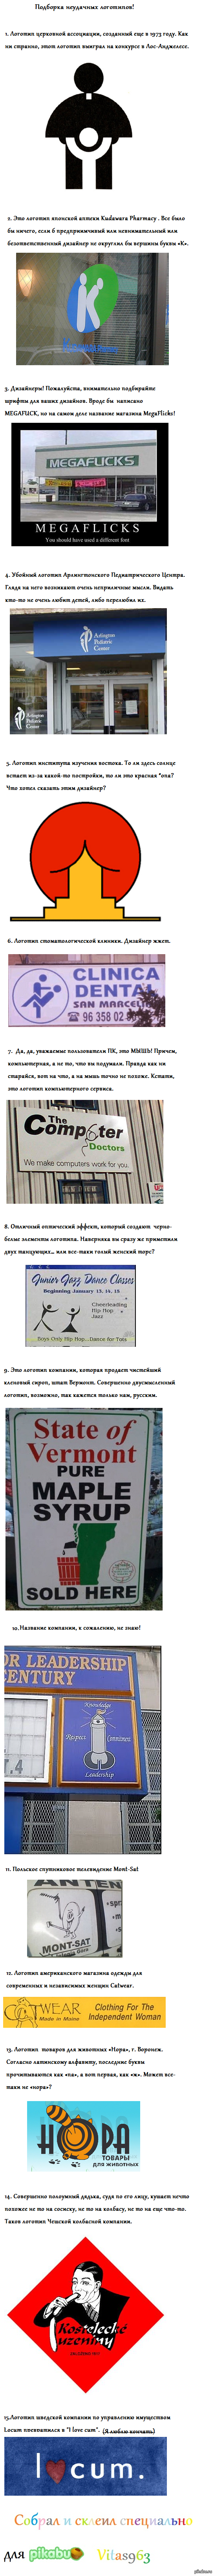 http://s.pikabu.ru/post_img/2013/04/20/9/1366466727_1943251306.png